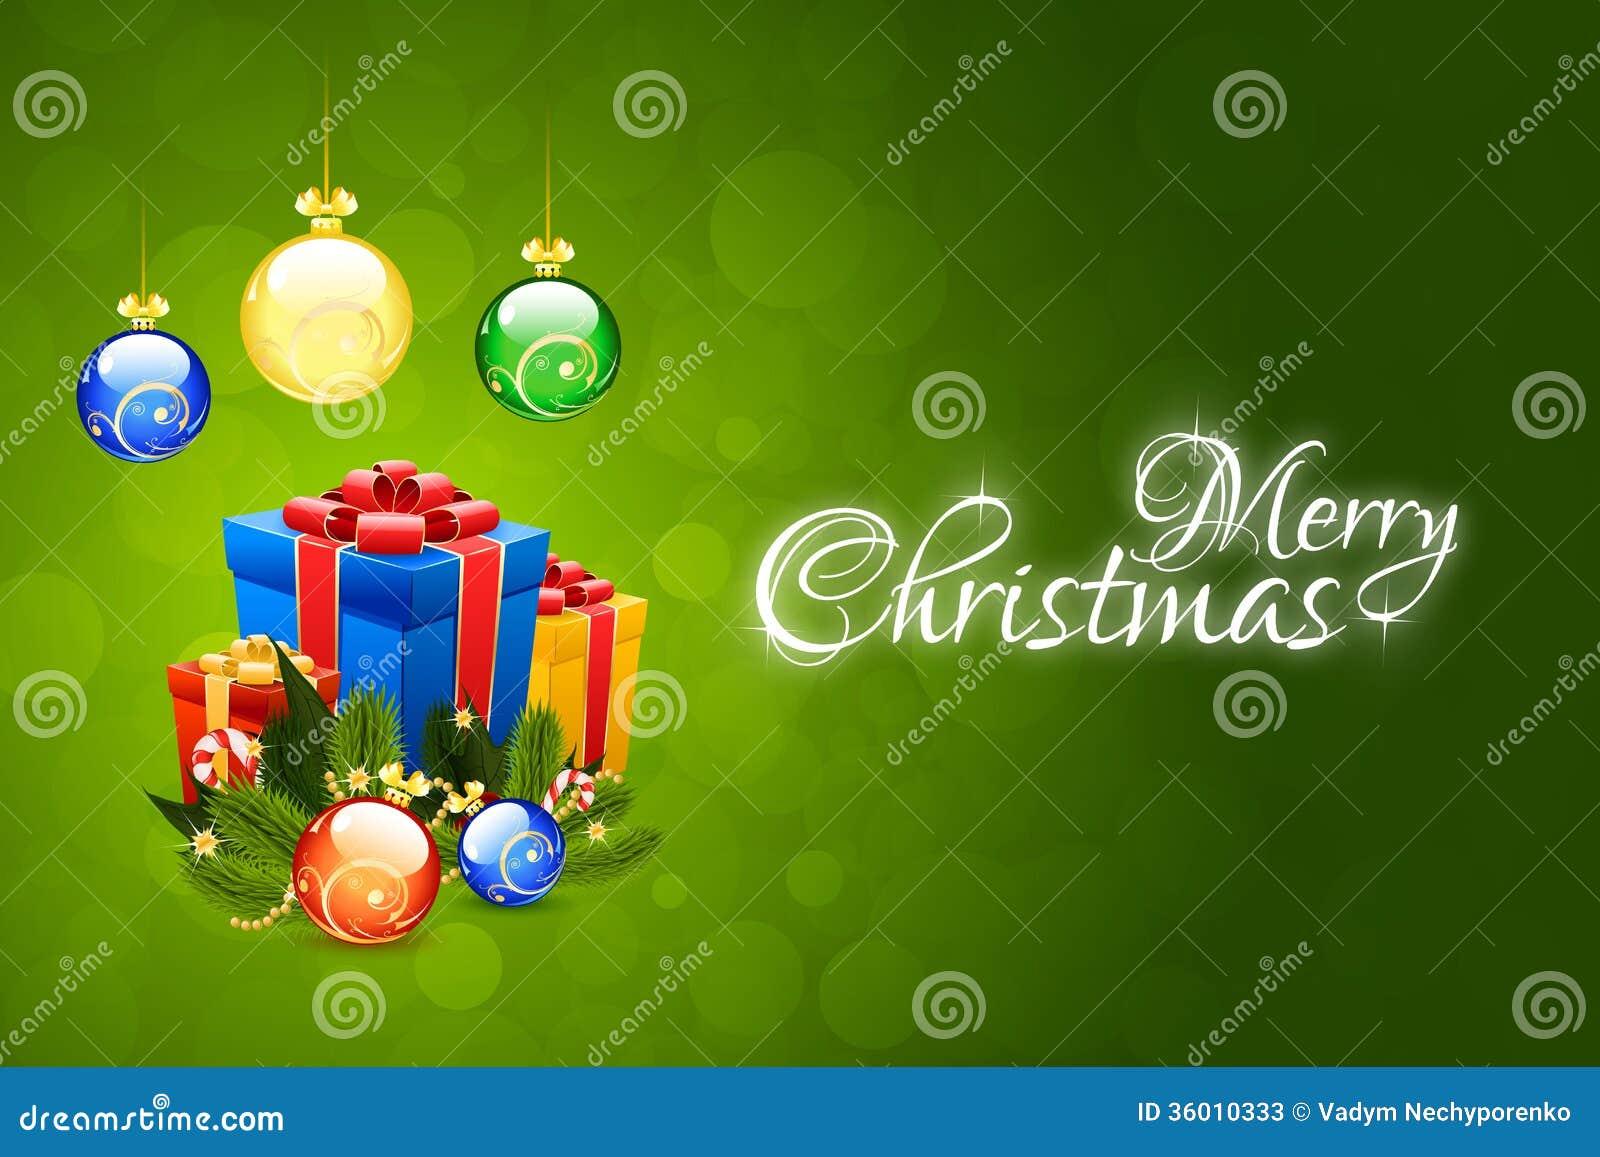 Modello della cartolina di Natale